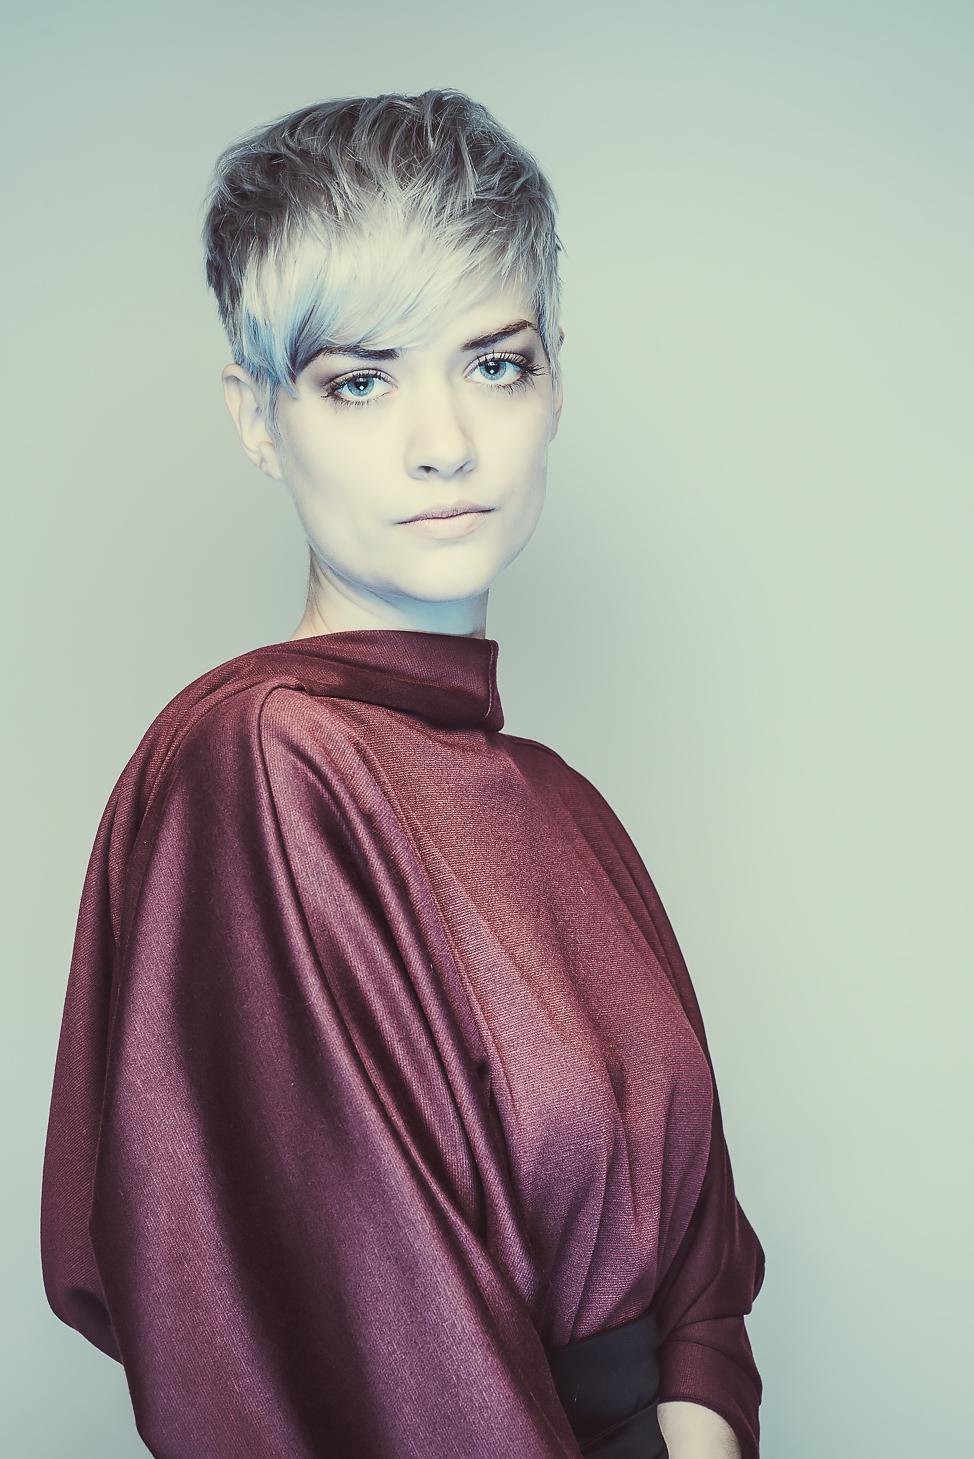 zaramia-ava-zaramiaava-leeds-fashion-designer-ethical-sustainable-tailored-minimalist-aya-burgundy-dress-obi-belt-black-versatile-drape-cowl-styling-womenswear-models-photoshoot-shrine-hairdressers-7